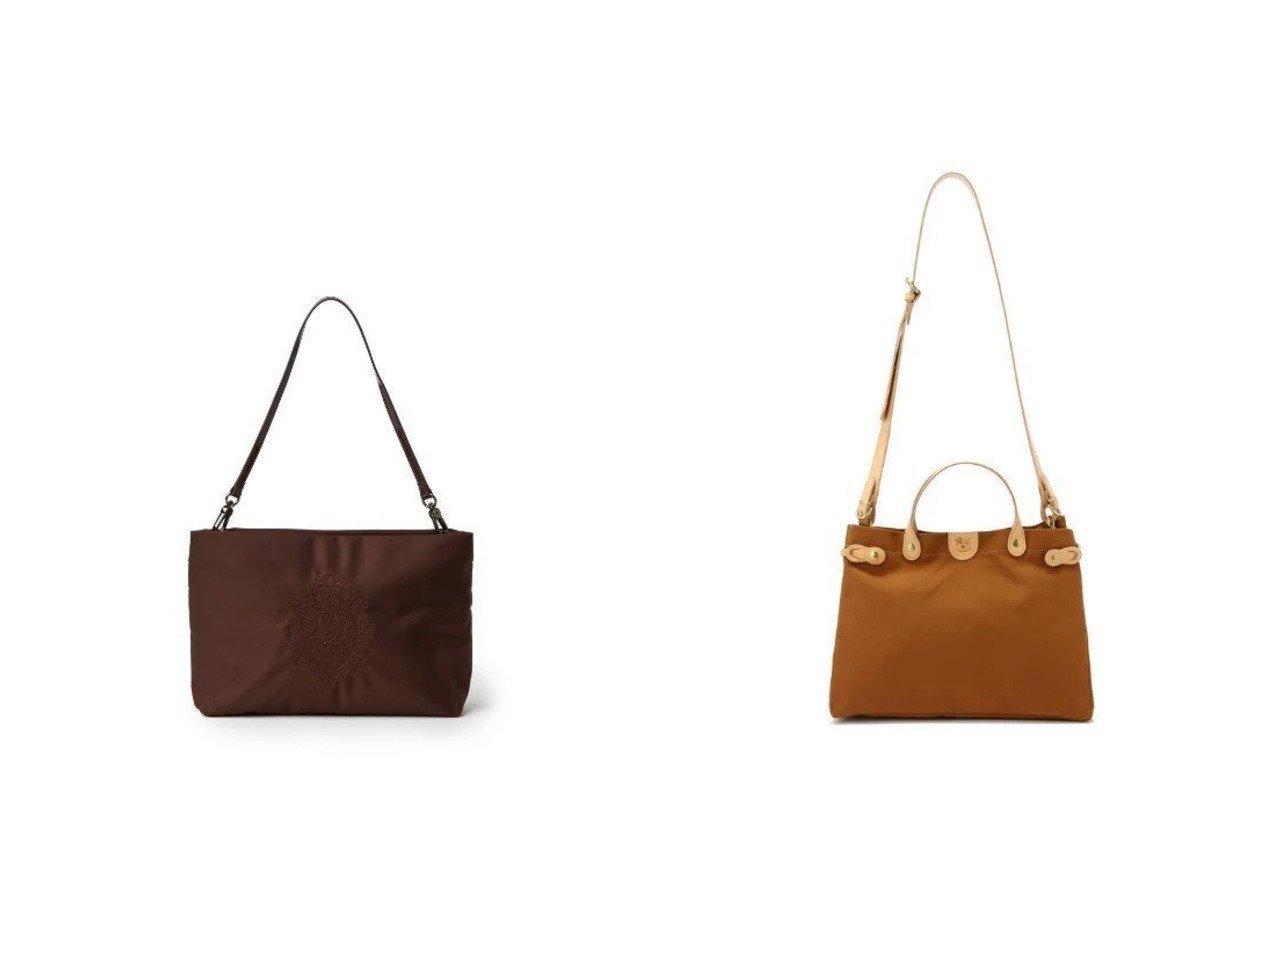 【IL BISONTE/イル ビゾンテ】のショルダーバッグ&【AMACA/アマカ】のDAVIS MINI ショルダーバッグ バッグ・鞄のおすすめ!人気、トレンド・レディースファッションの通販  おすすめで人気の流行・トレンド、ファッションの通販商品 メンズファッション・キッズファッション・インテリア・家具・レディースファッション・服の通販 founy(ファニー) https://founy.com/ ファッション Fashion レディースファッション WOMEN バッグ Bag イタリア スタンダード ポケット 人気 軽量 キャンバス メタル ラップ |ID:crp329100000009115